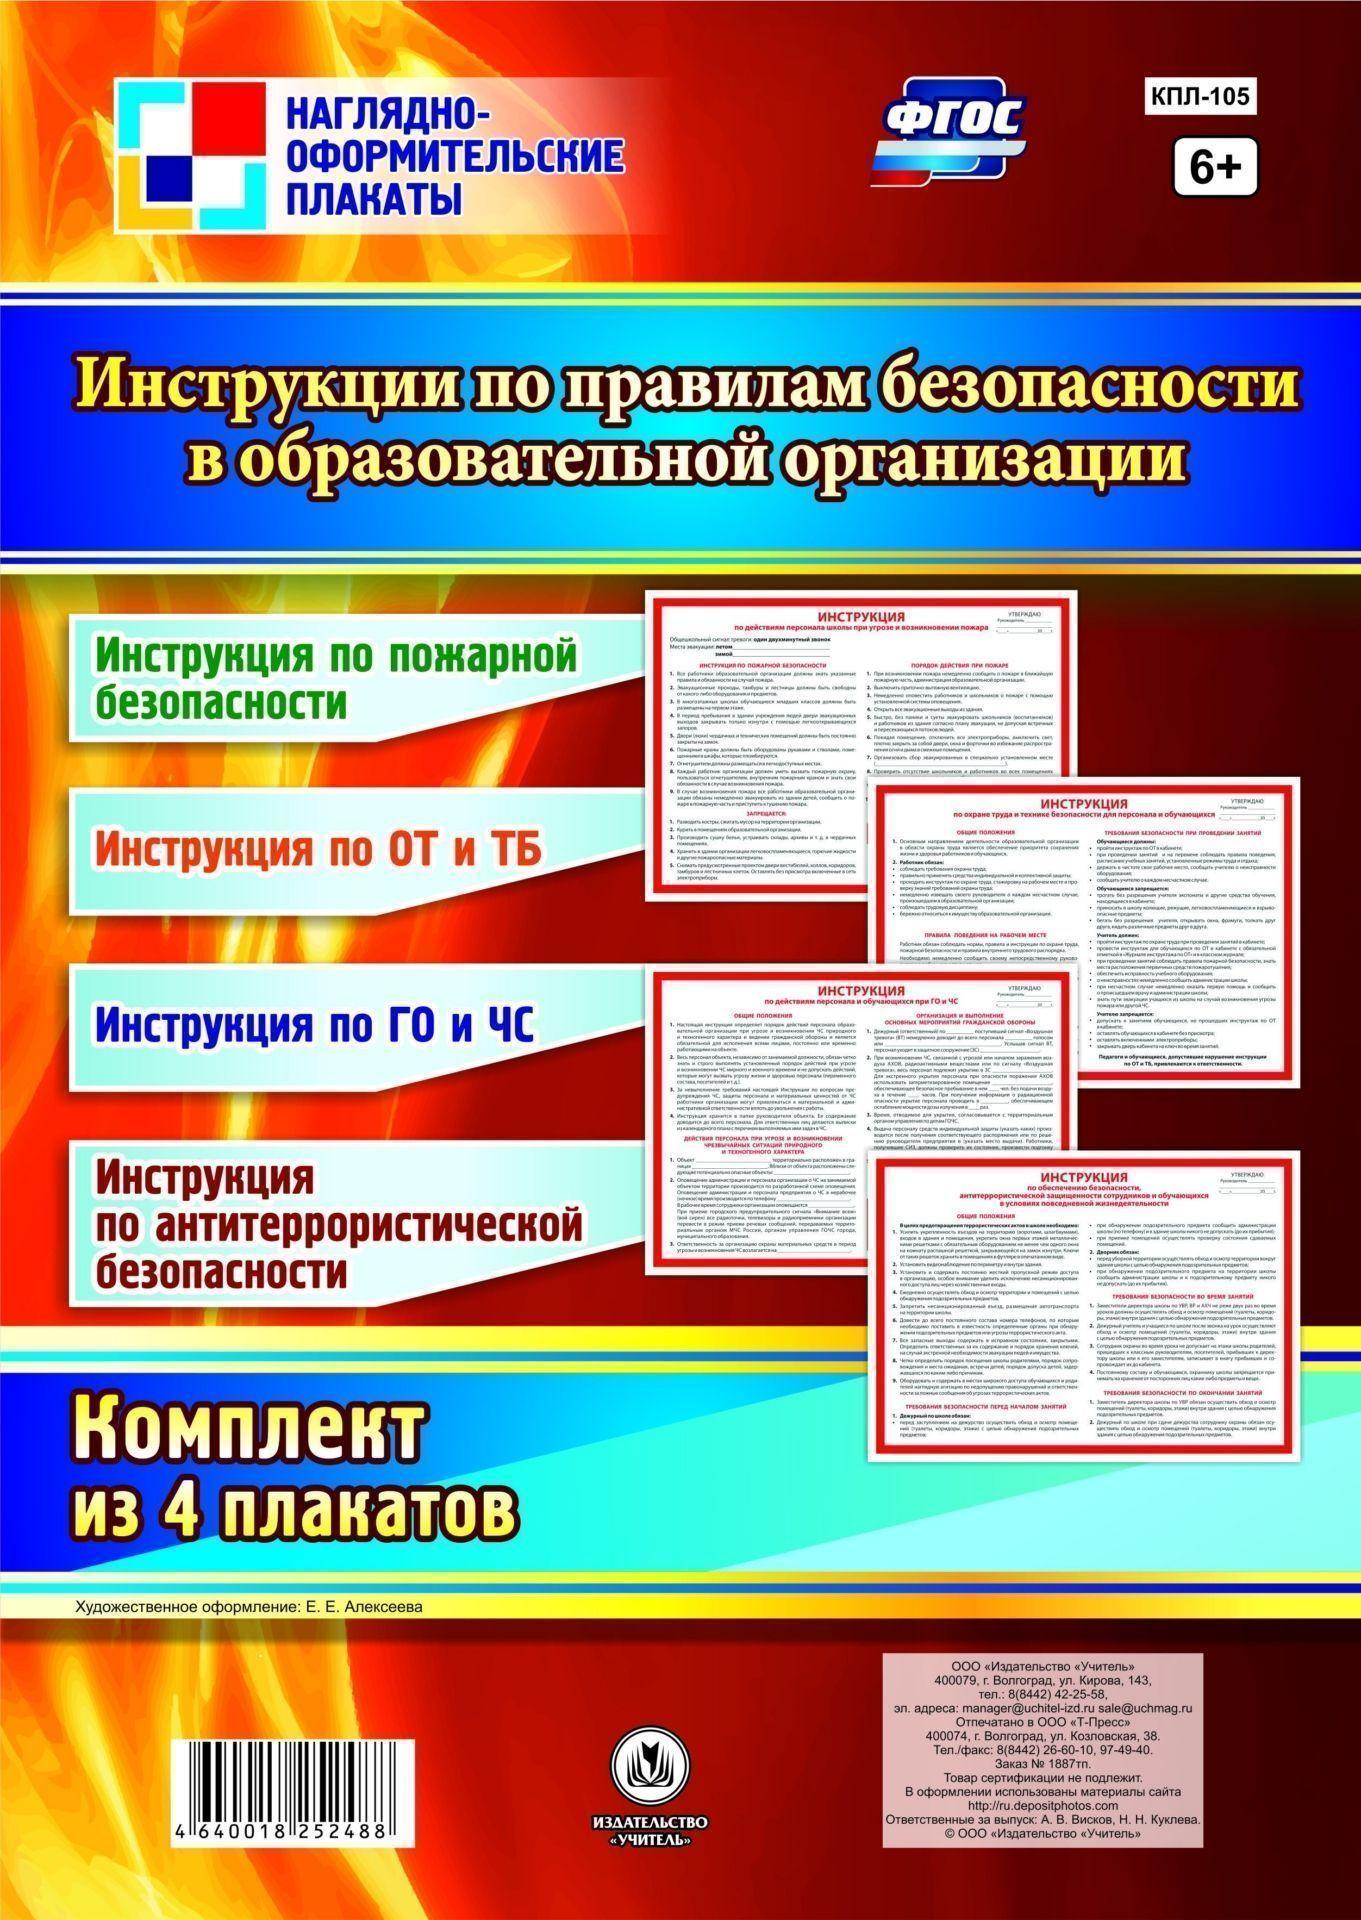 Комплект плакатов Инструкции по правилам безопасности в образовательной организации: 4 плакатаТематические плакаты<br>.<br><br>Год: 2017<br>Серия: Наглядно-оформительские плакаты<br>Высота: 594<br>Ширина: 420<br>Толщина: 2<br>Переплёт: набор